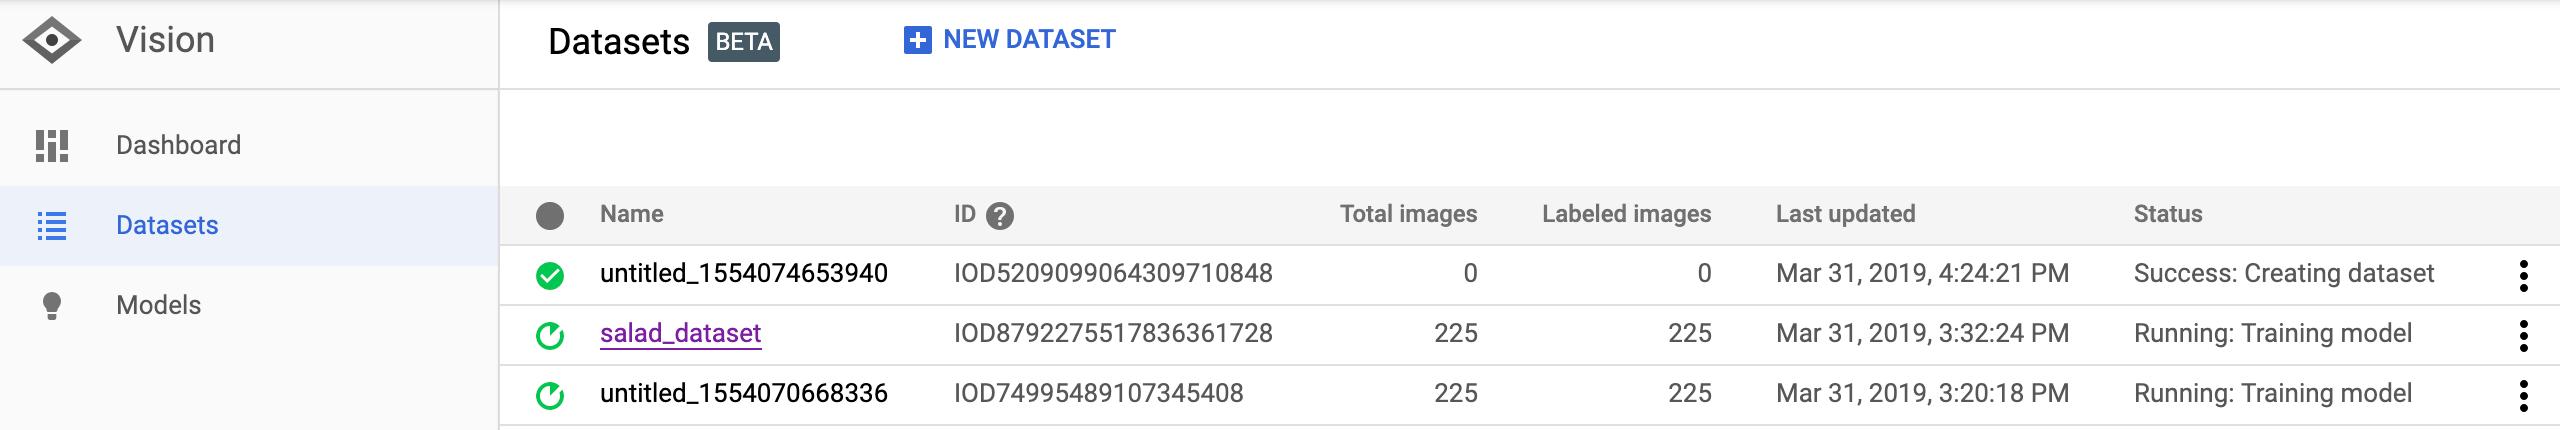 Como listar a imagem do conjunto de dados